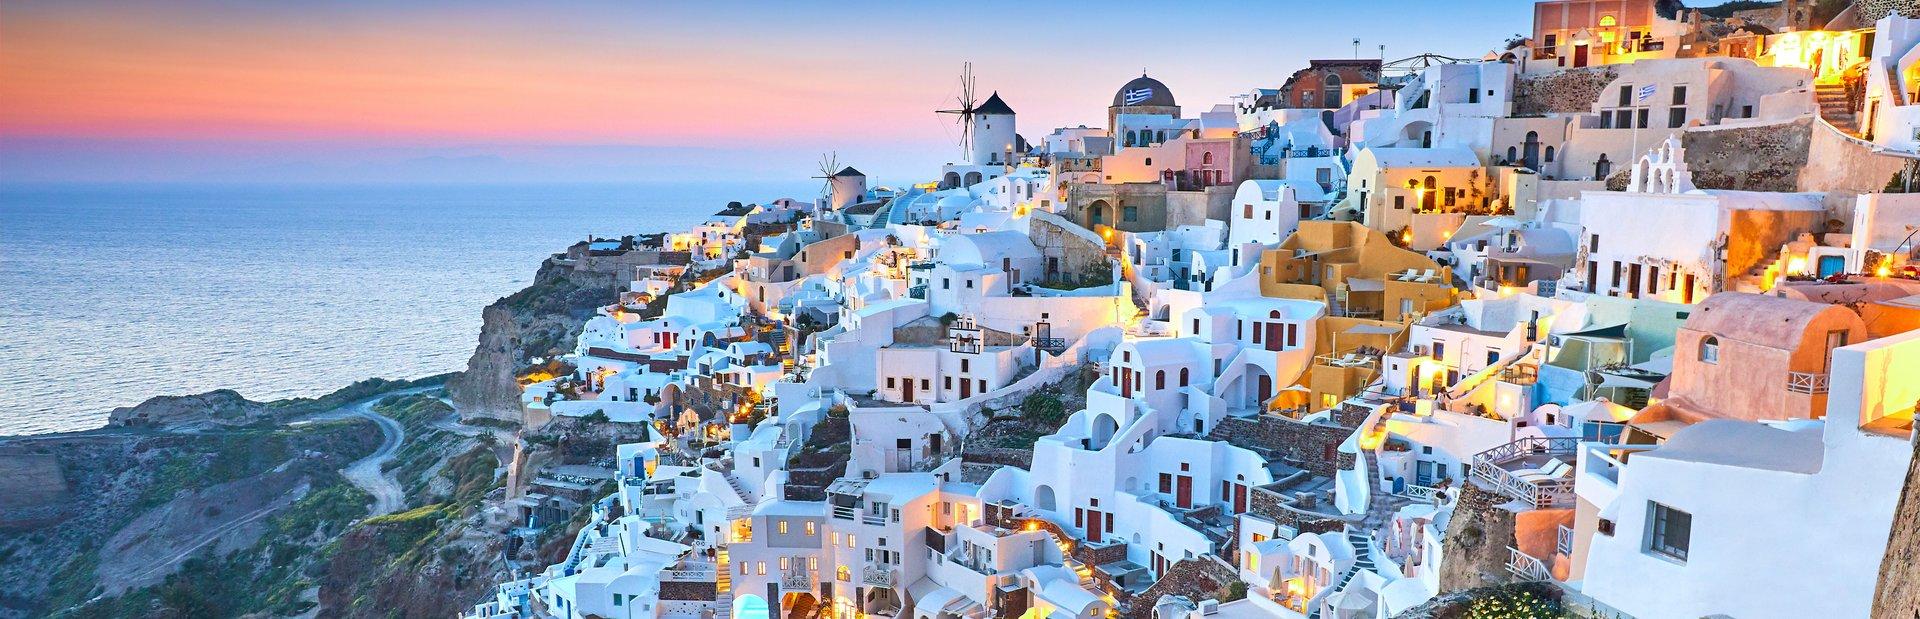 Santorini inspiration and tips